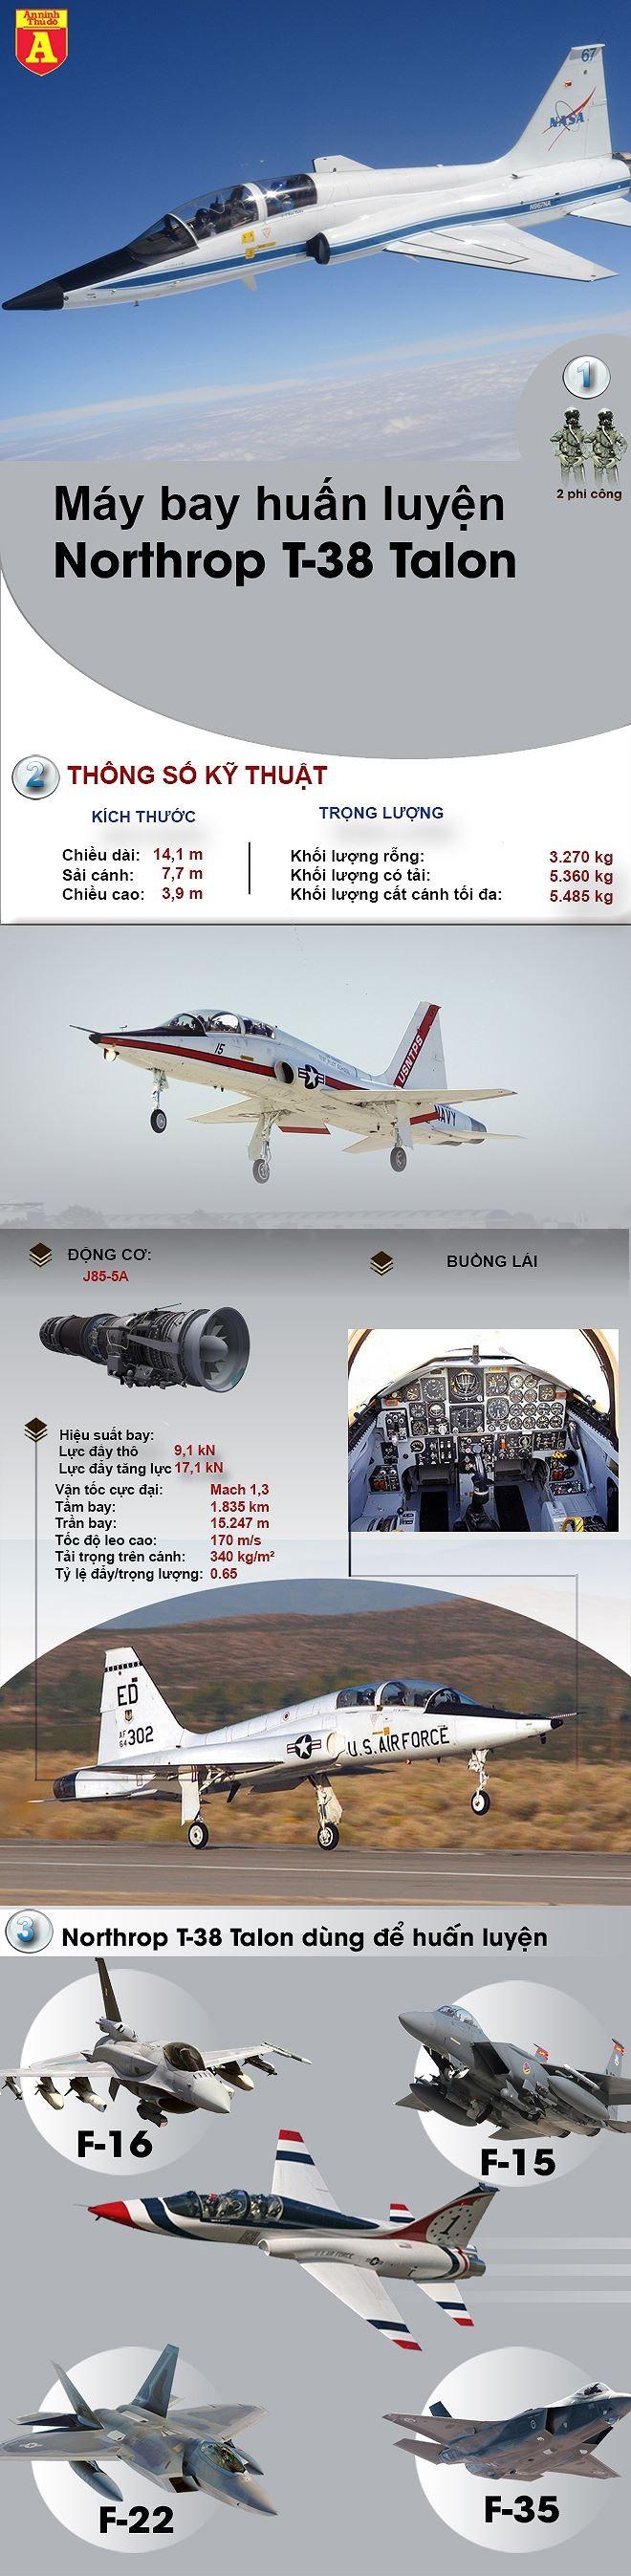 """[ĐỒ HỌA] Nhã ý cấp máy bay huấn luyện, Mỹ dọn đường để cung cấp """"chiến thần"""" F-16 cho Việt Nam? ảnh 2"""